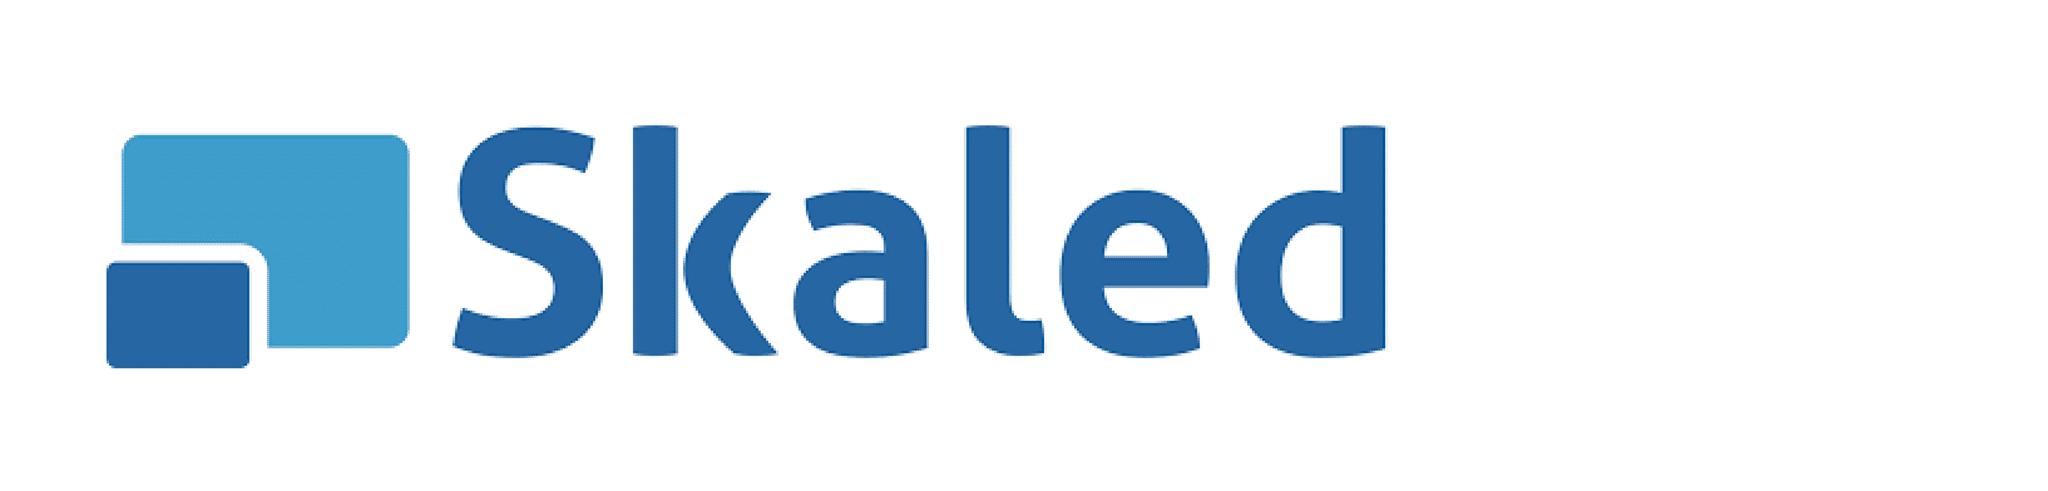 Skaled brand logo